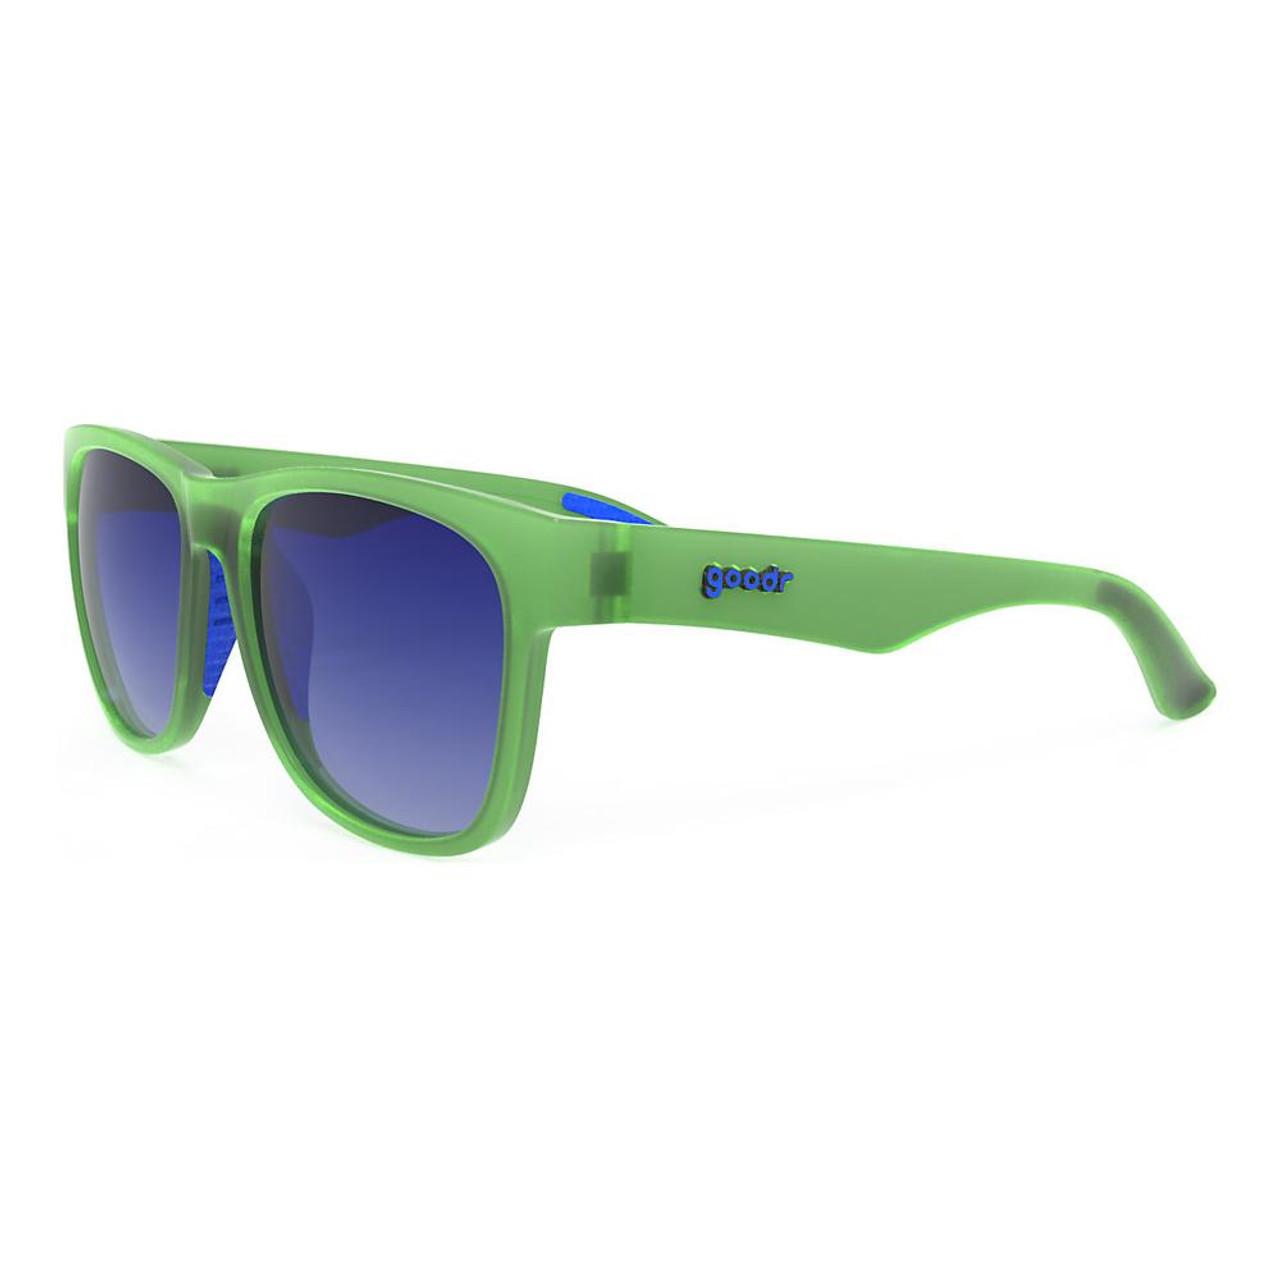 Goodr Grass Fed Babe Steaks Sunglasses